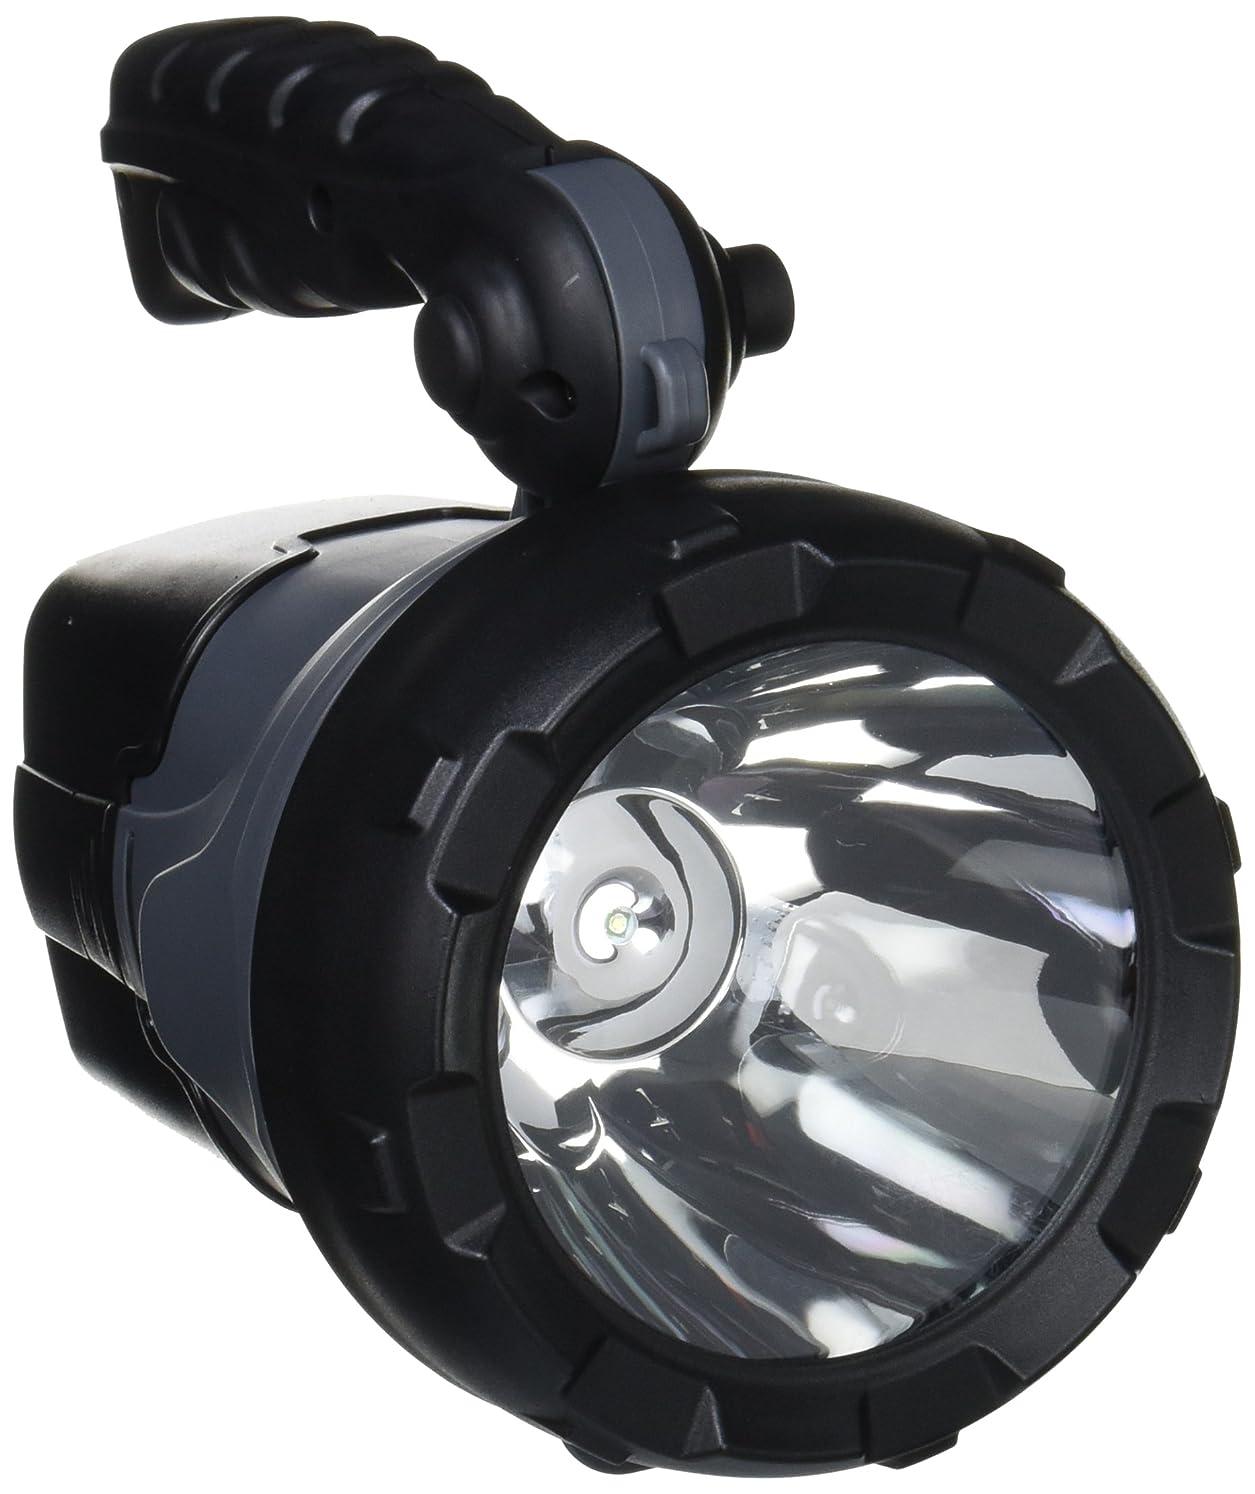 蒸し器肉のフェードedonis(エドニス) JOHN LIGHT社 充電式LEDスーパービームライト 224333